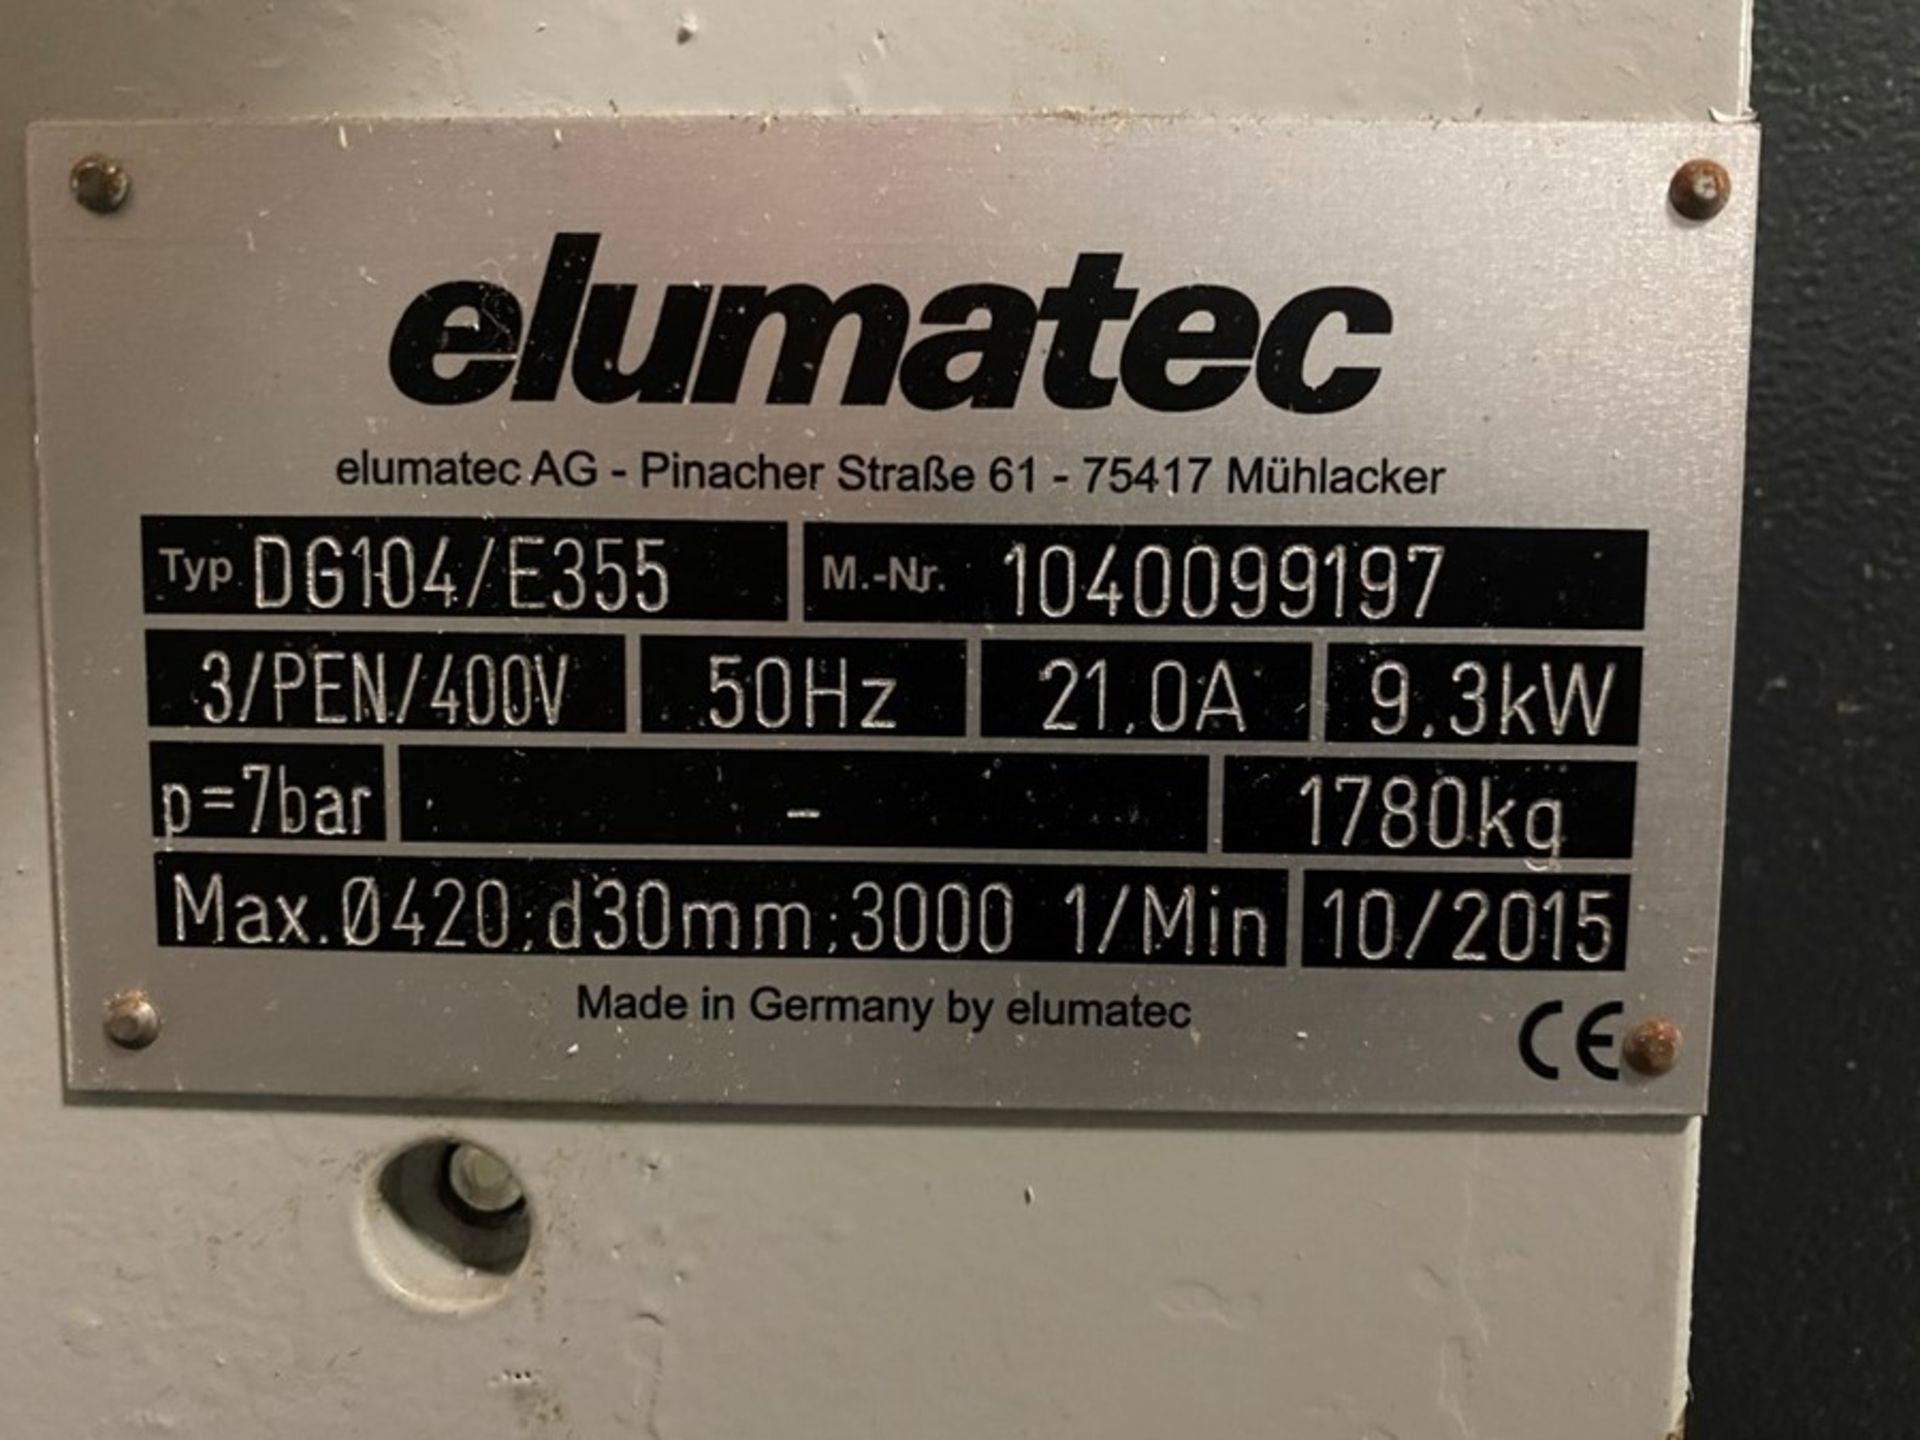 Elumatec DG104 / E355 6m double mitre saw (2015) - Image 16 of 20